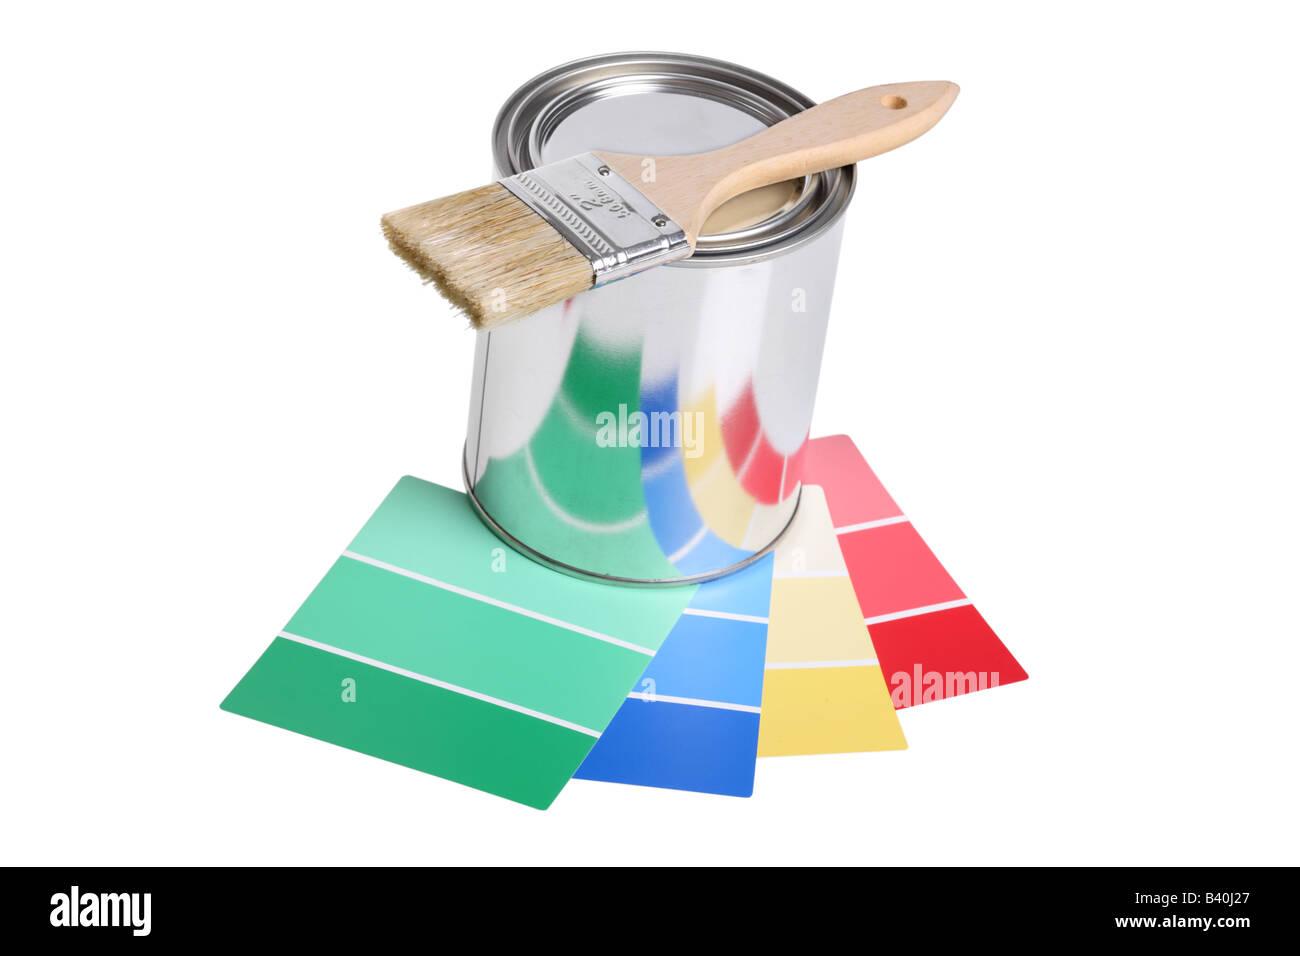 Lata de pintura pincel y muestras de color recorte aislado sobre fondo blanco. Imagen De Stock